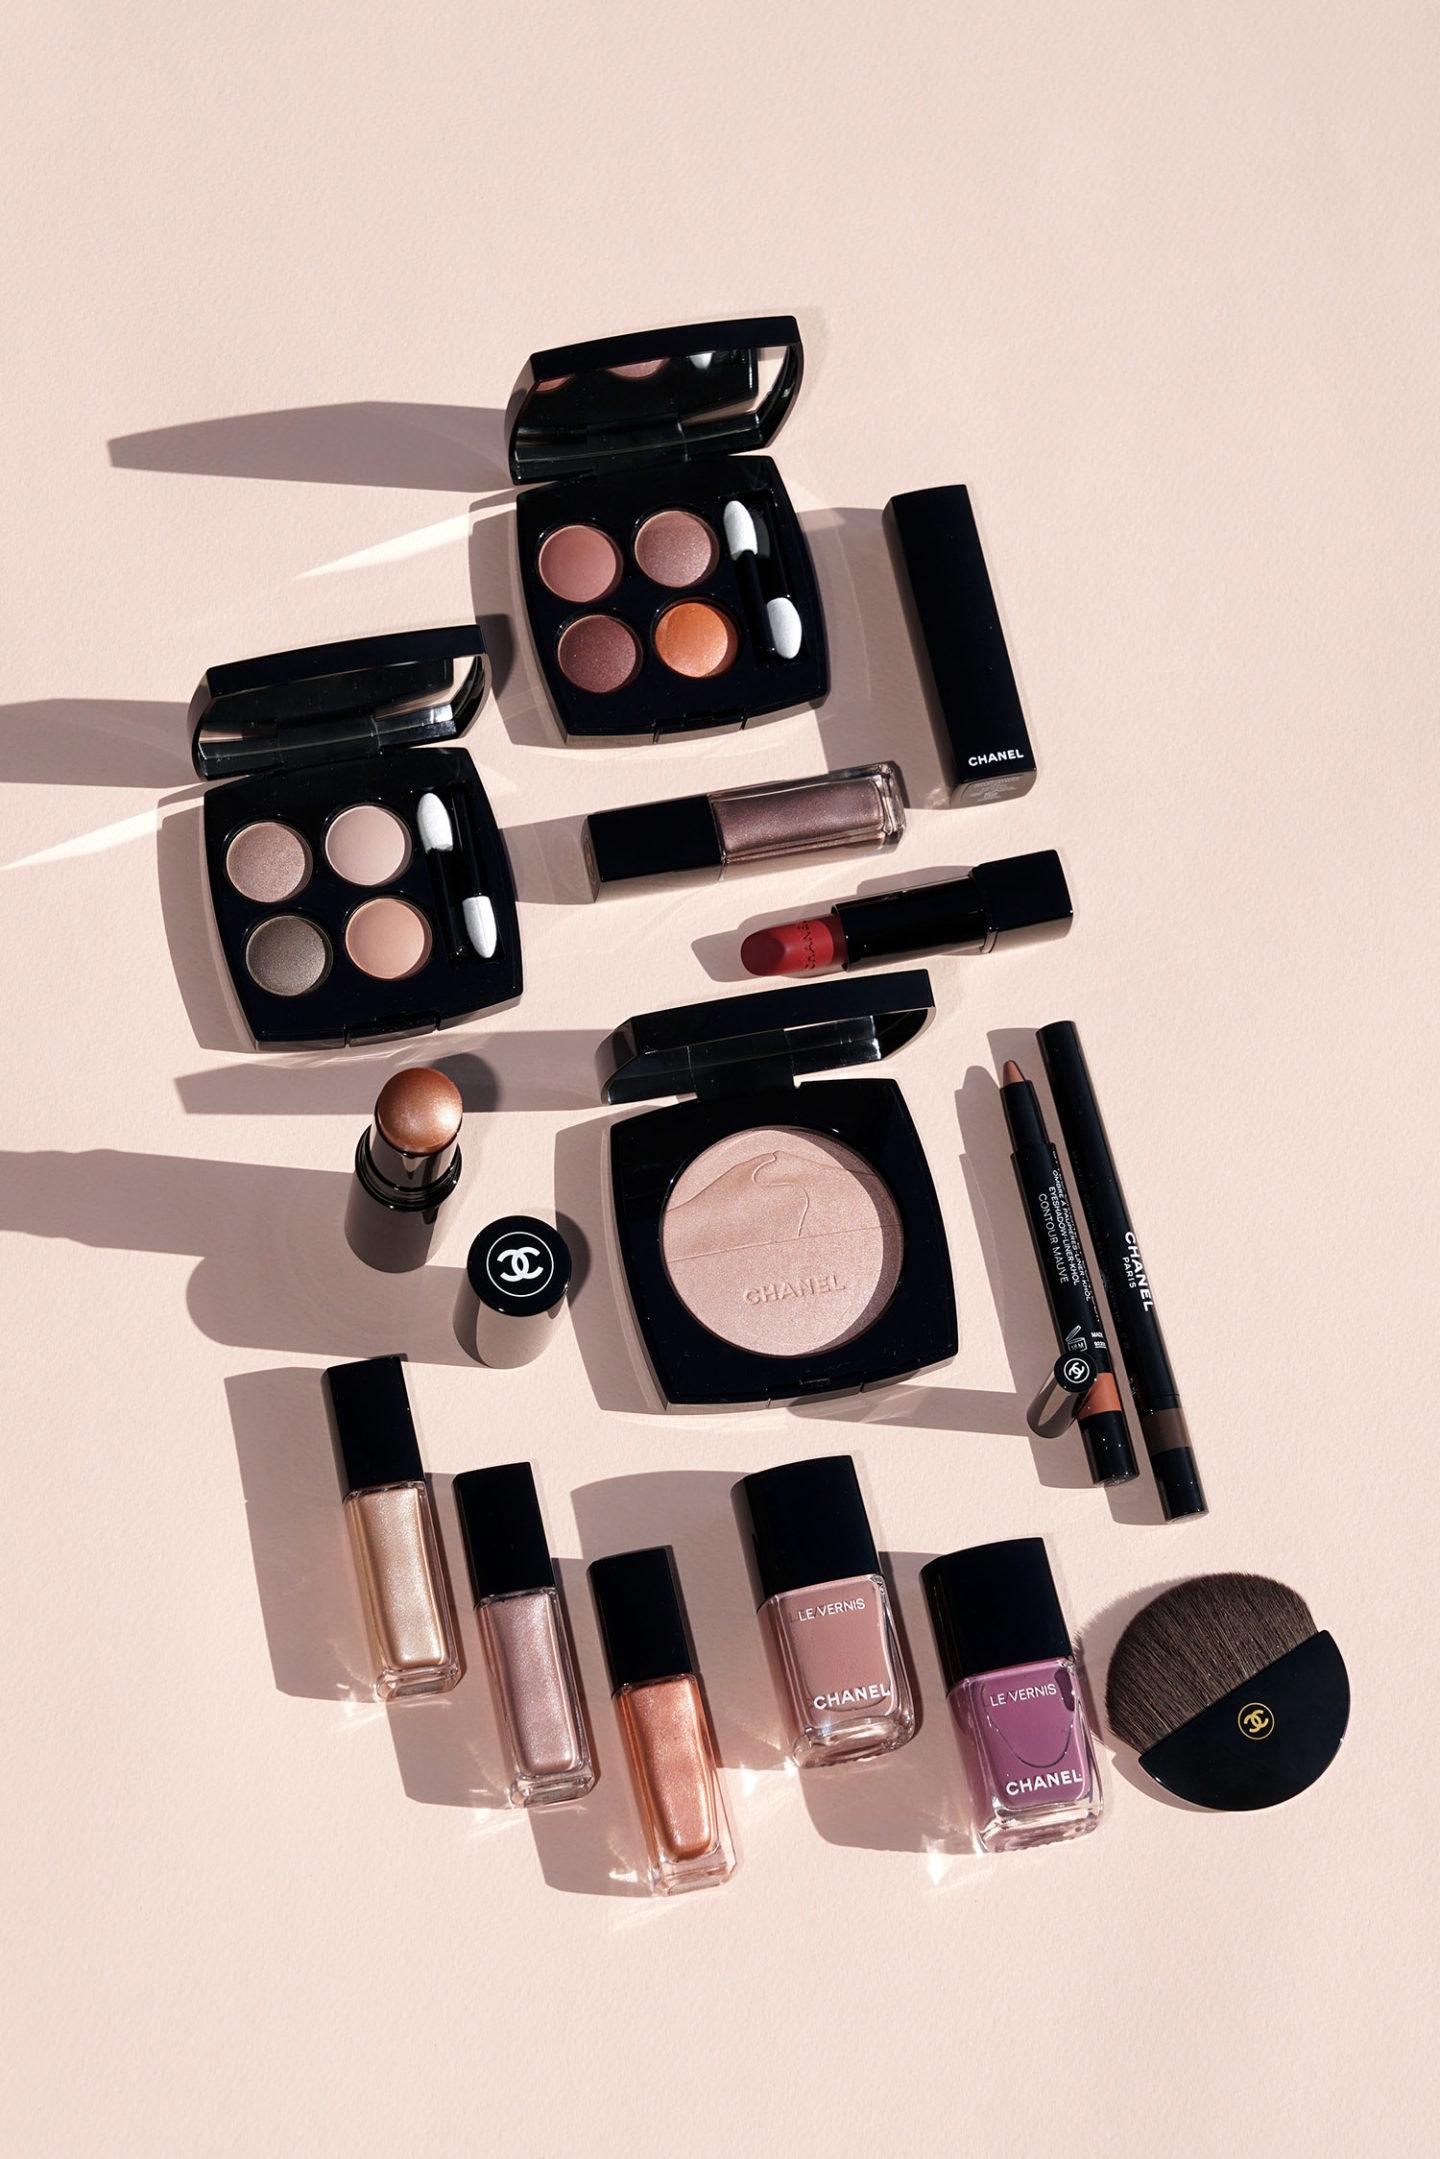 Critique de la collection Chanel Spring Beauty 2020